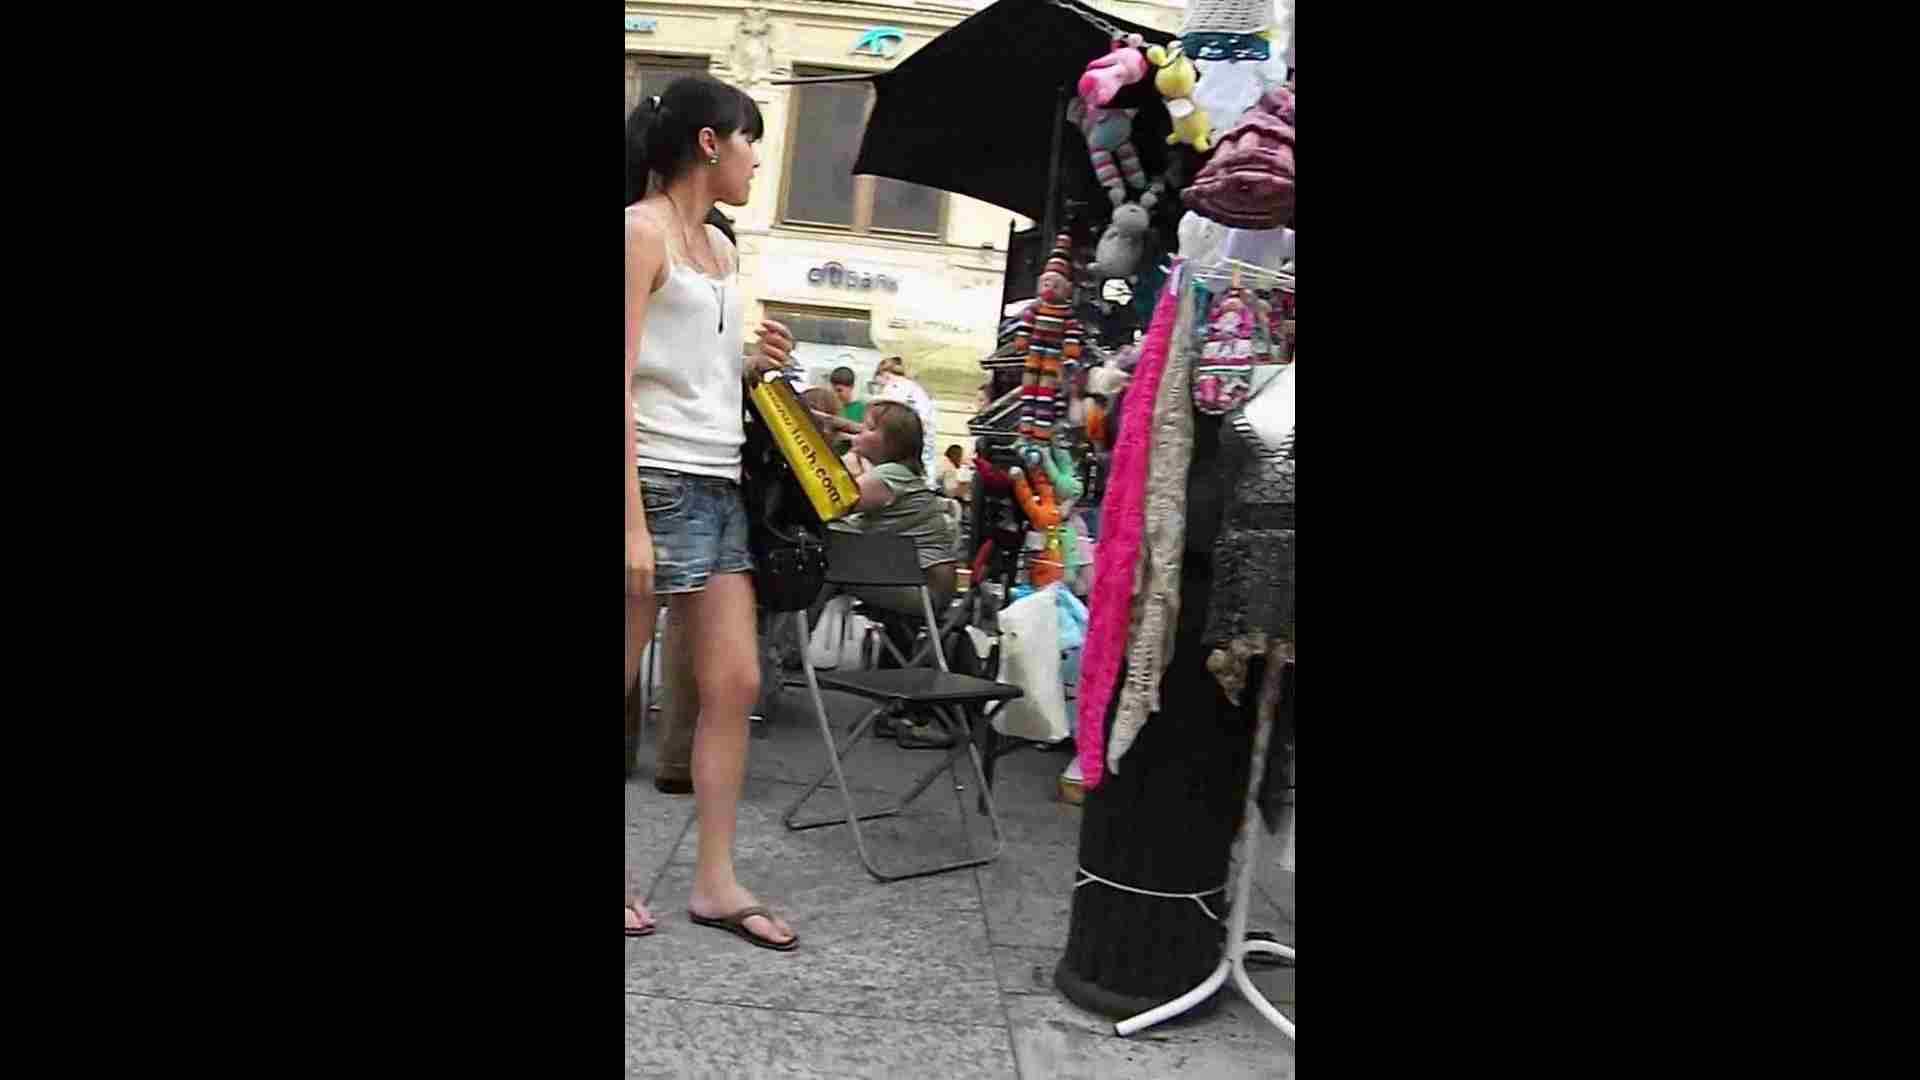 綺麗なモデルさんのスカート捲っちゃおう‼vol05 モデルのエロ生活 | OLのエロ生活  62連発 16